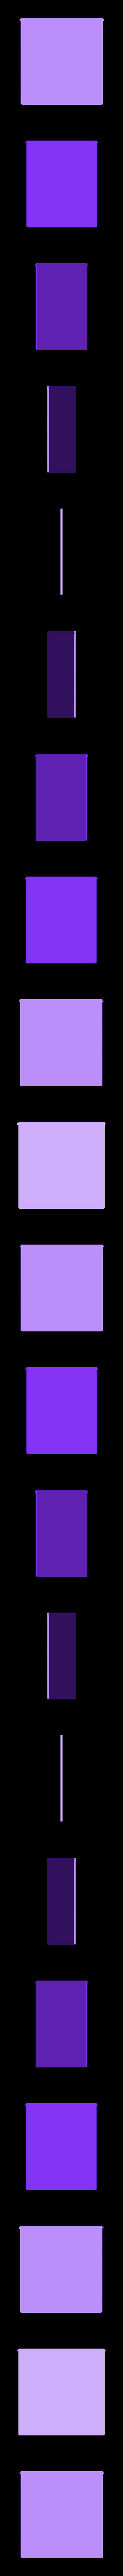 bureau6.STL Télécharger fichier STL gratuit Bureau  • Design pour impression 3D, maxgg